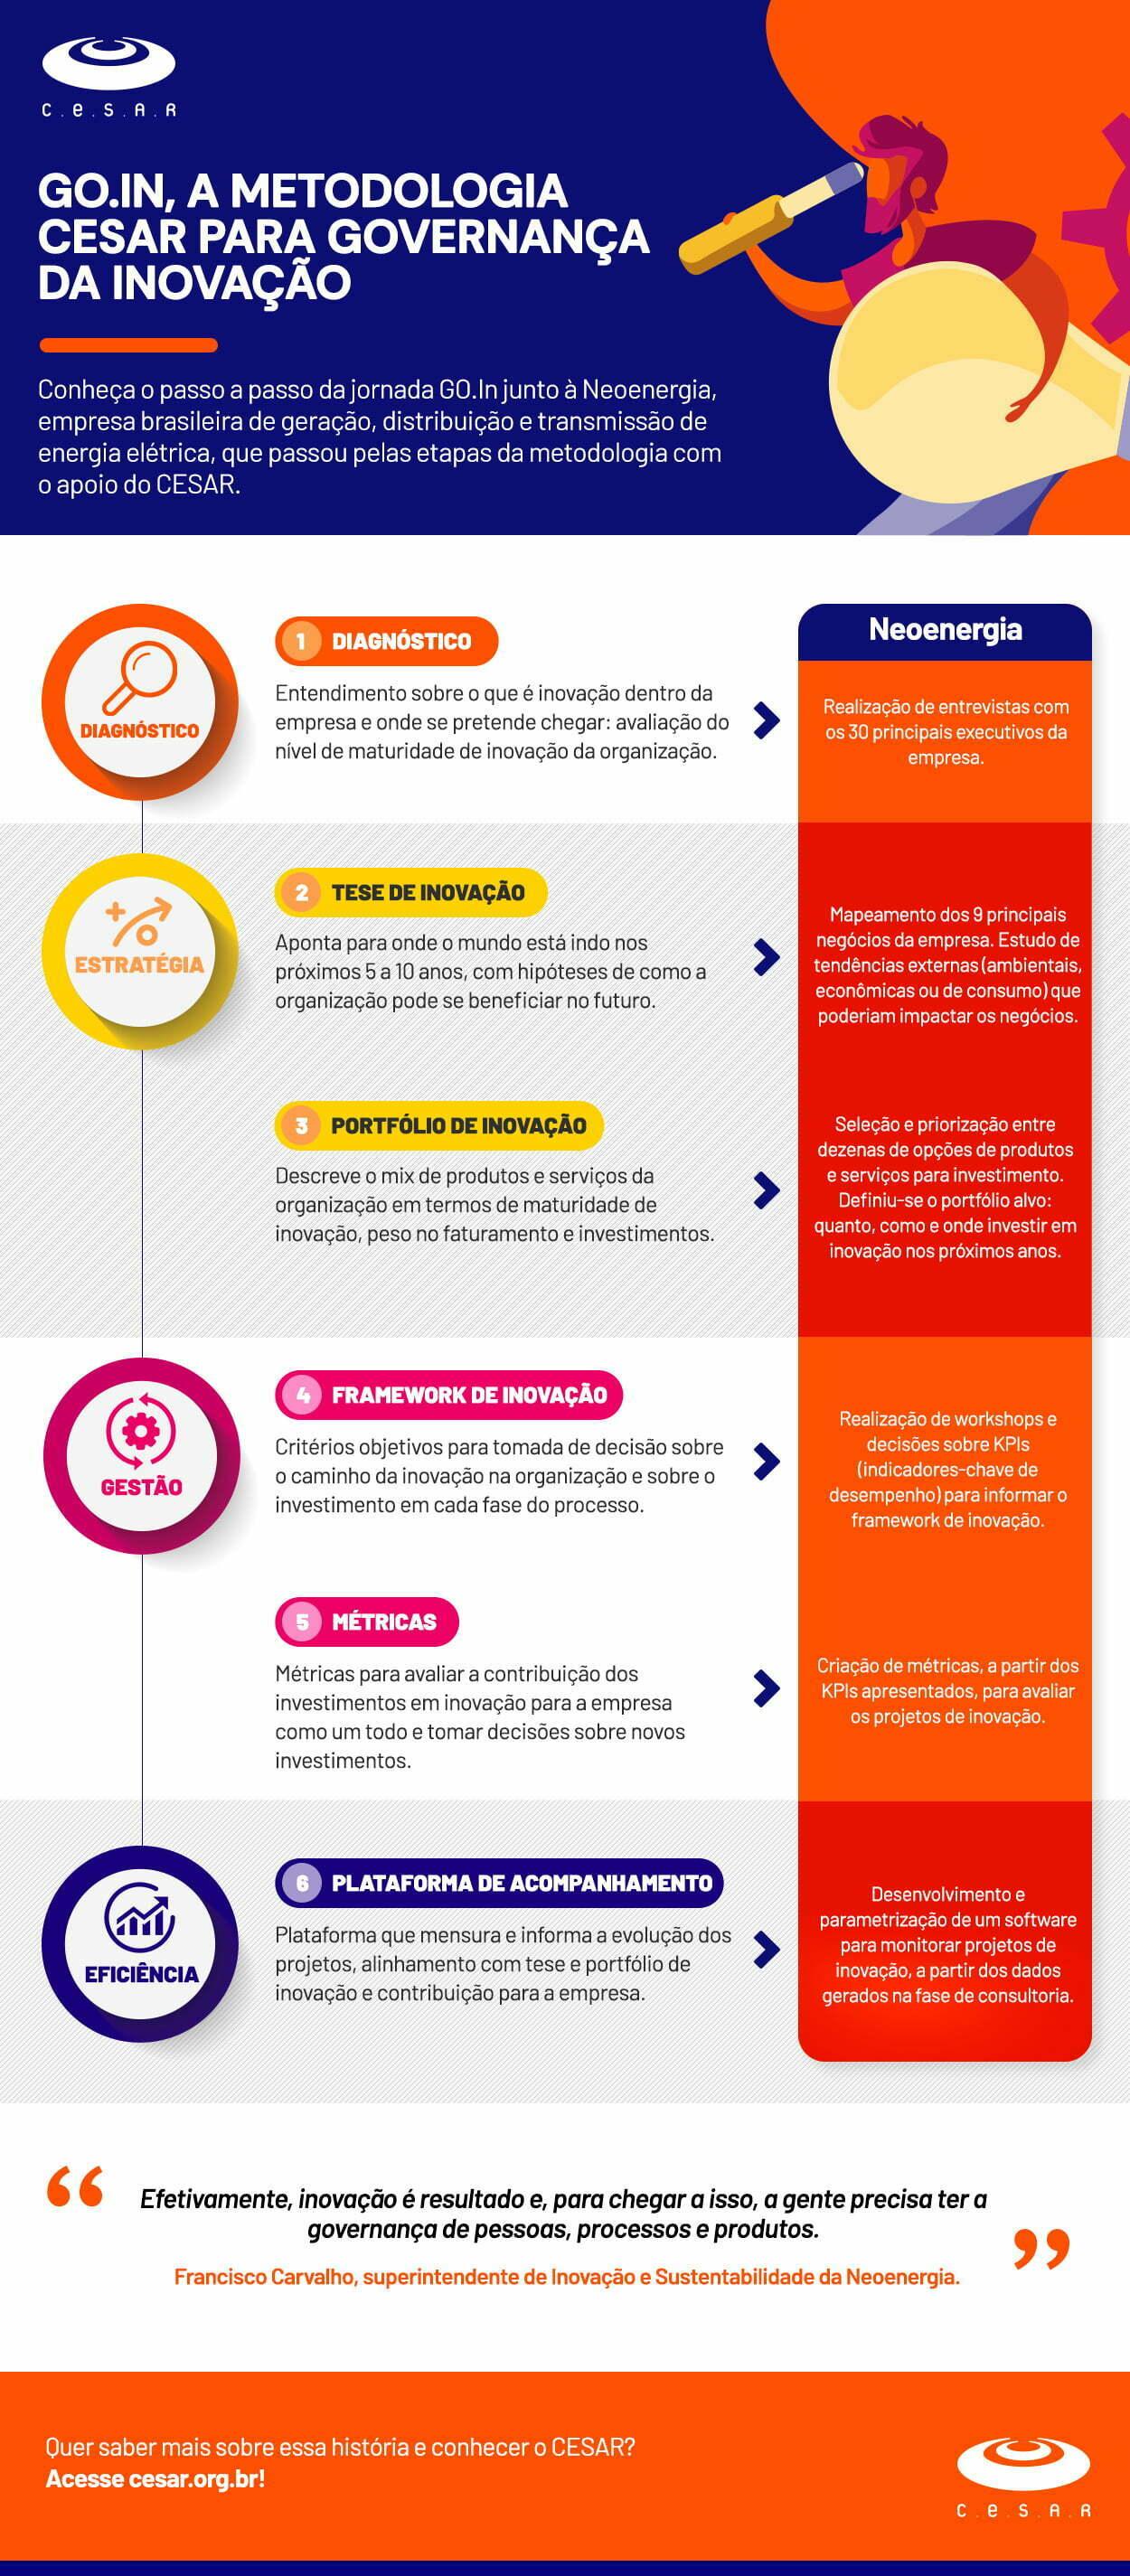 Infográfico sobre a metodologia de Governança de Inovação do CESAR